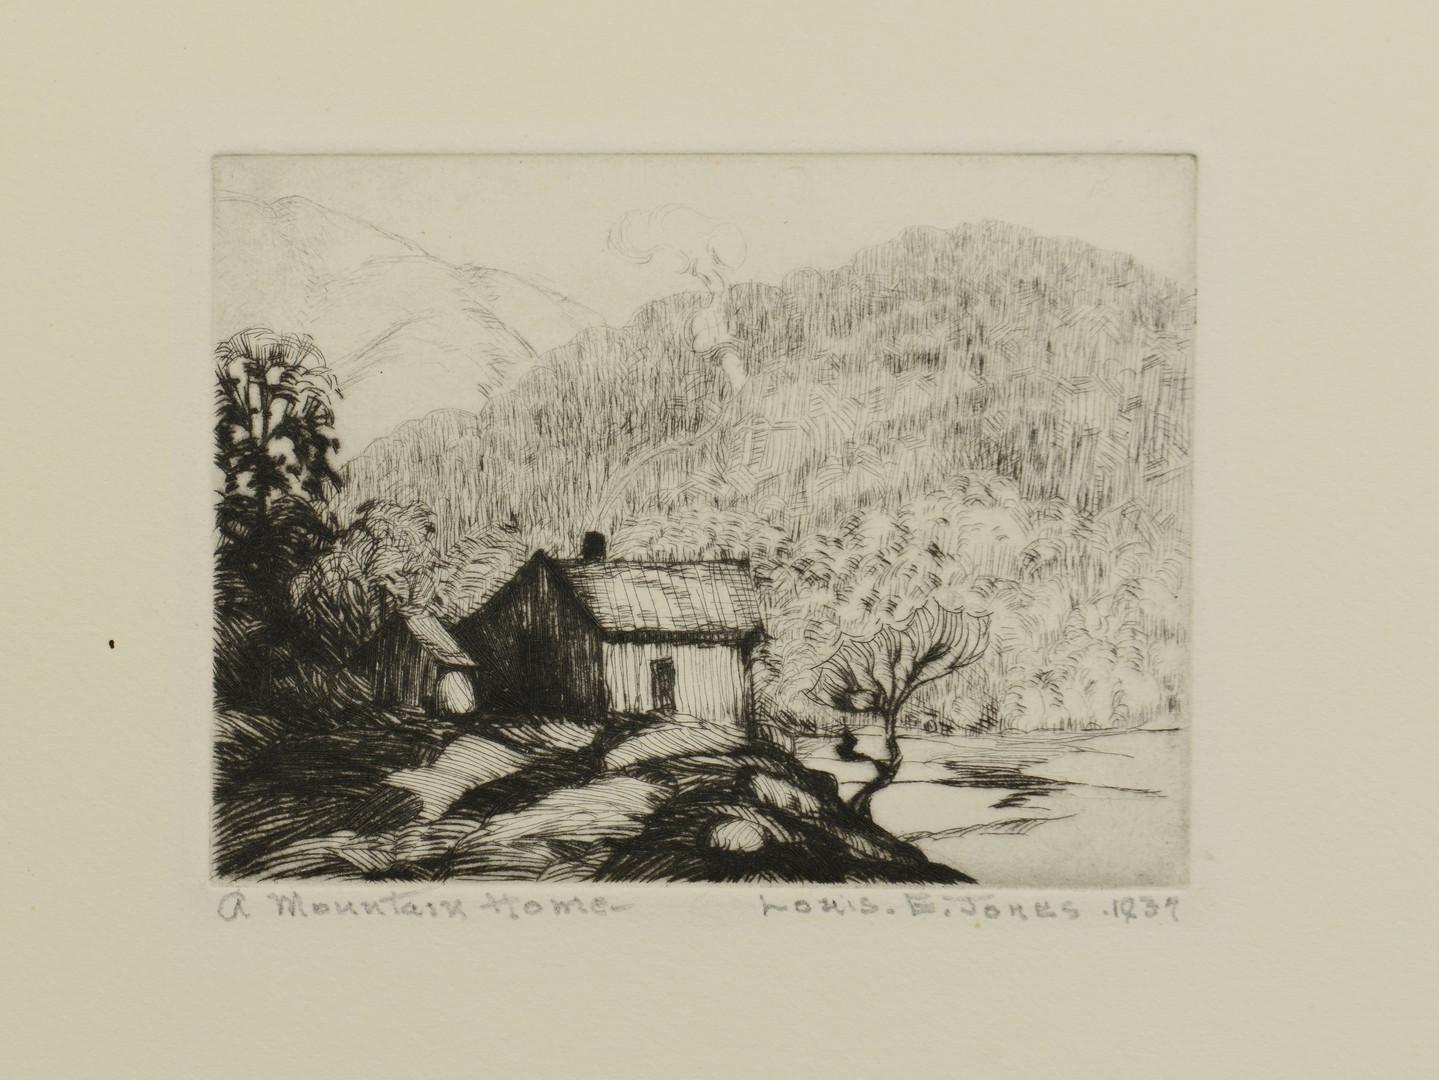 Lot 179: Louis Jones Etching, Mountain Home